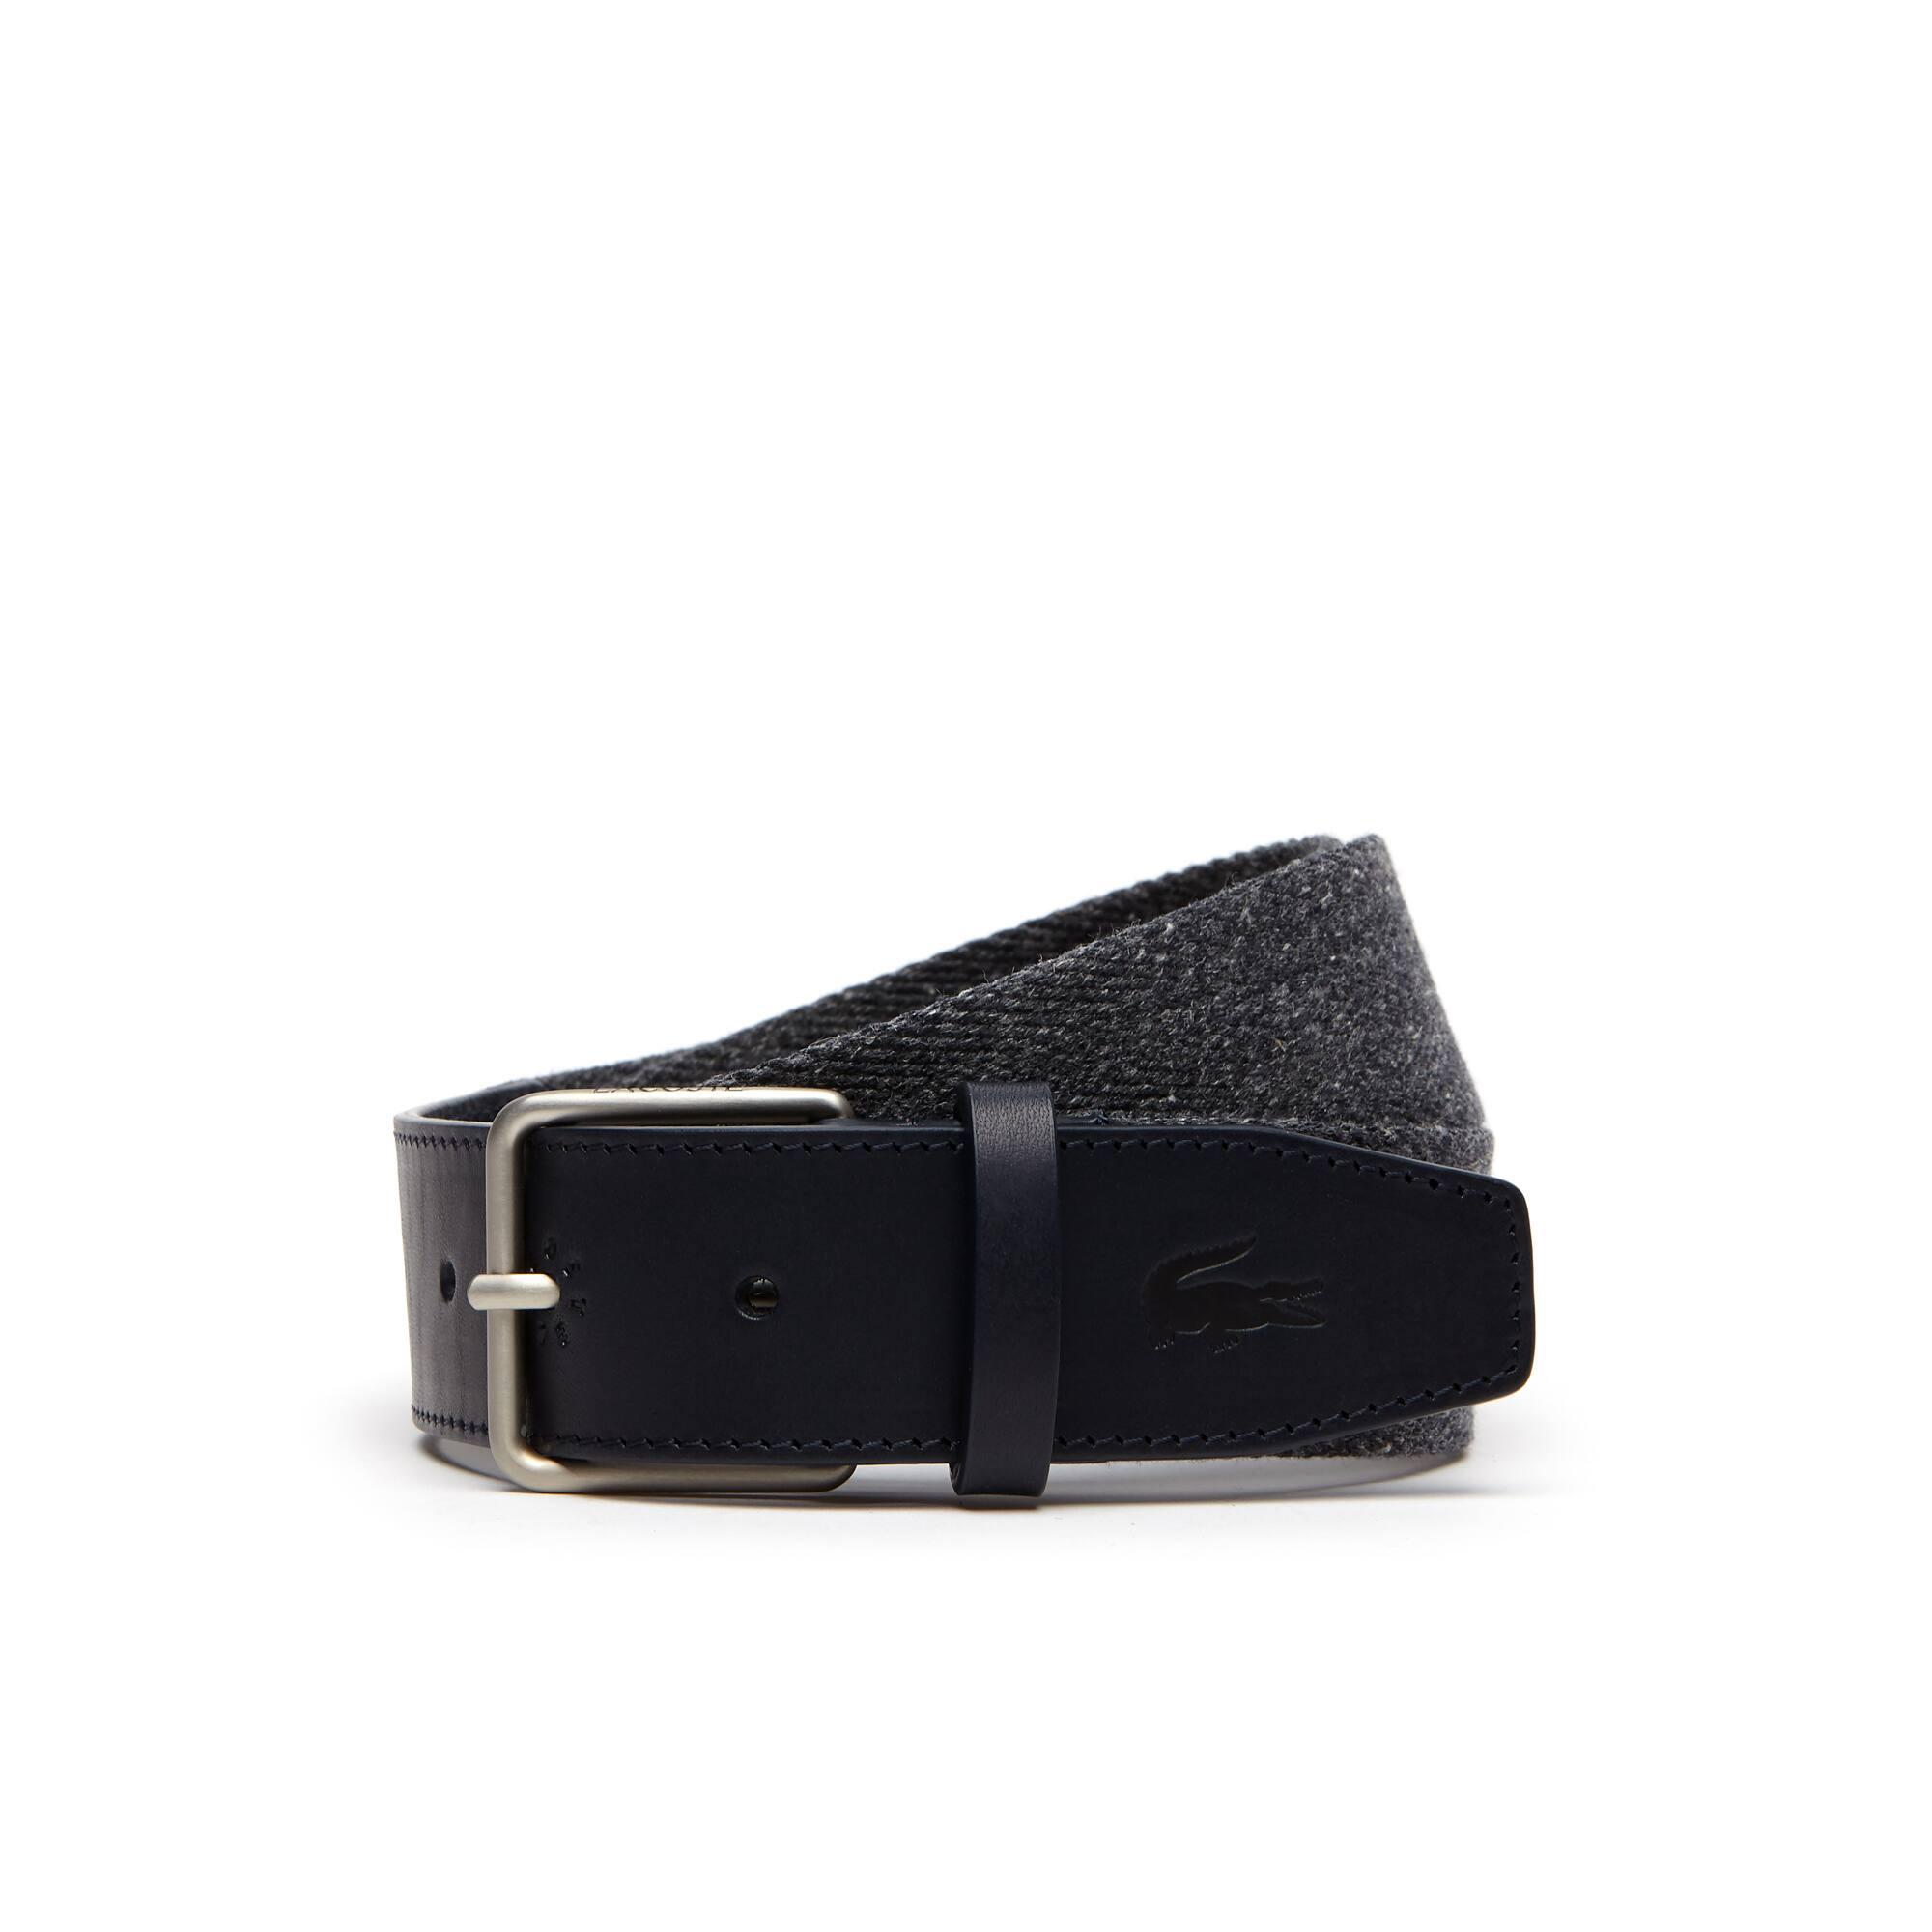 men's belts | men's leather goods | lacoste